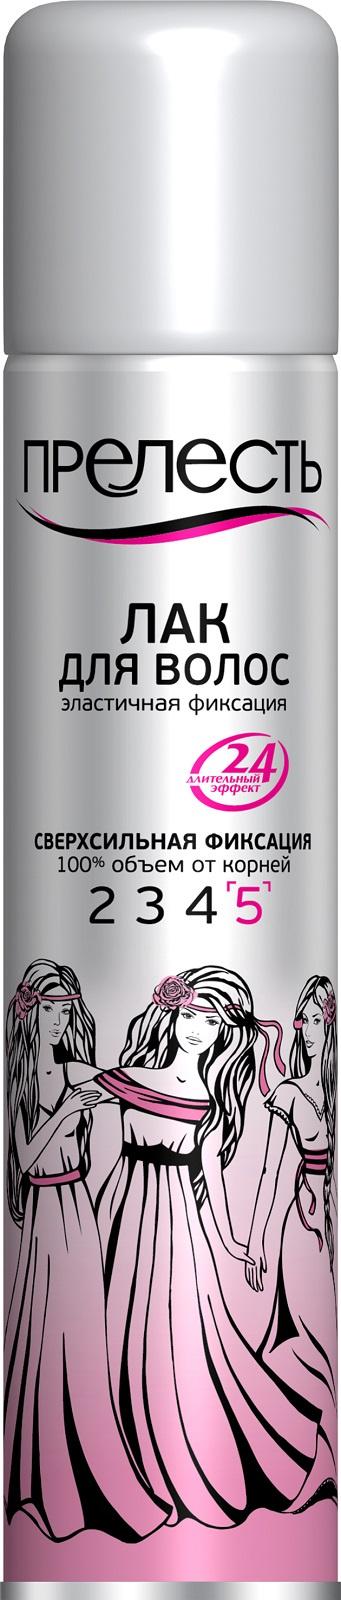 Лак для волос Прелесть сверхсильной фиксации, 200 мл для волос zhigpvest отзывы